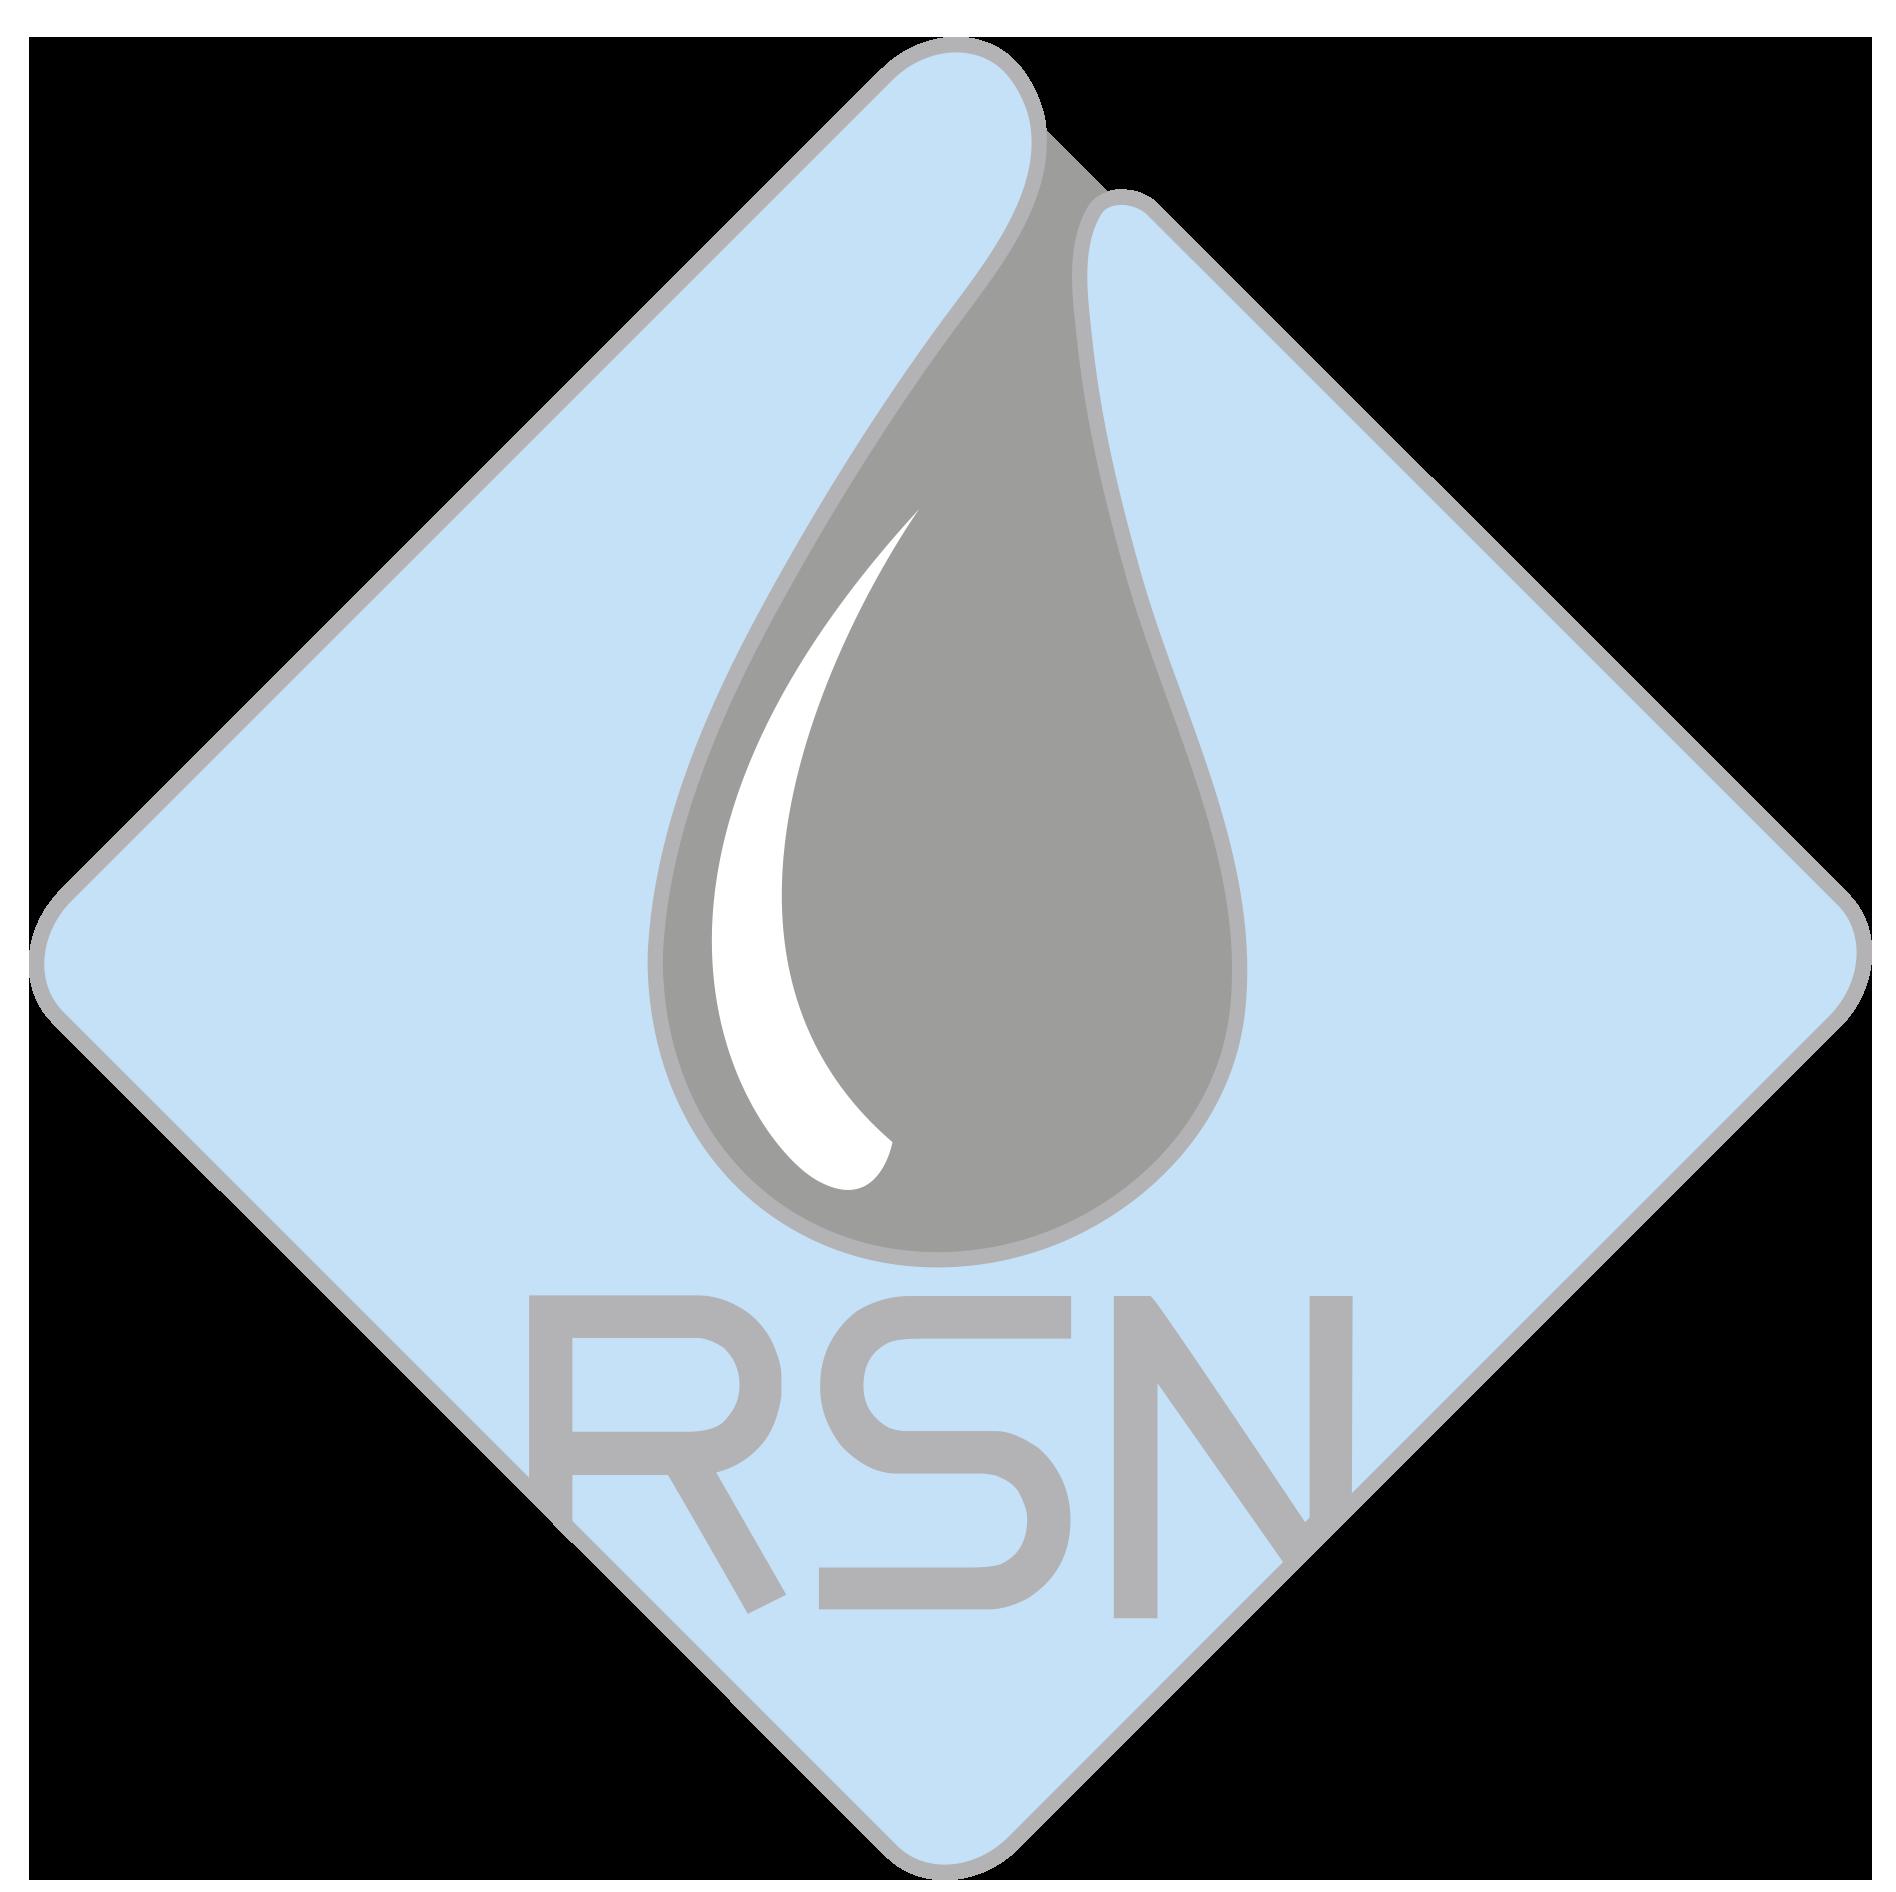 Logo RSN